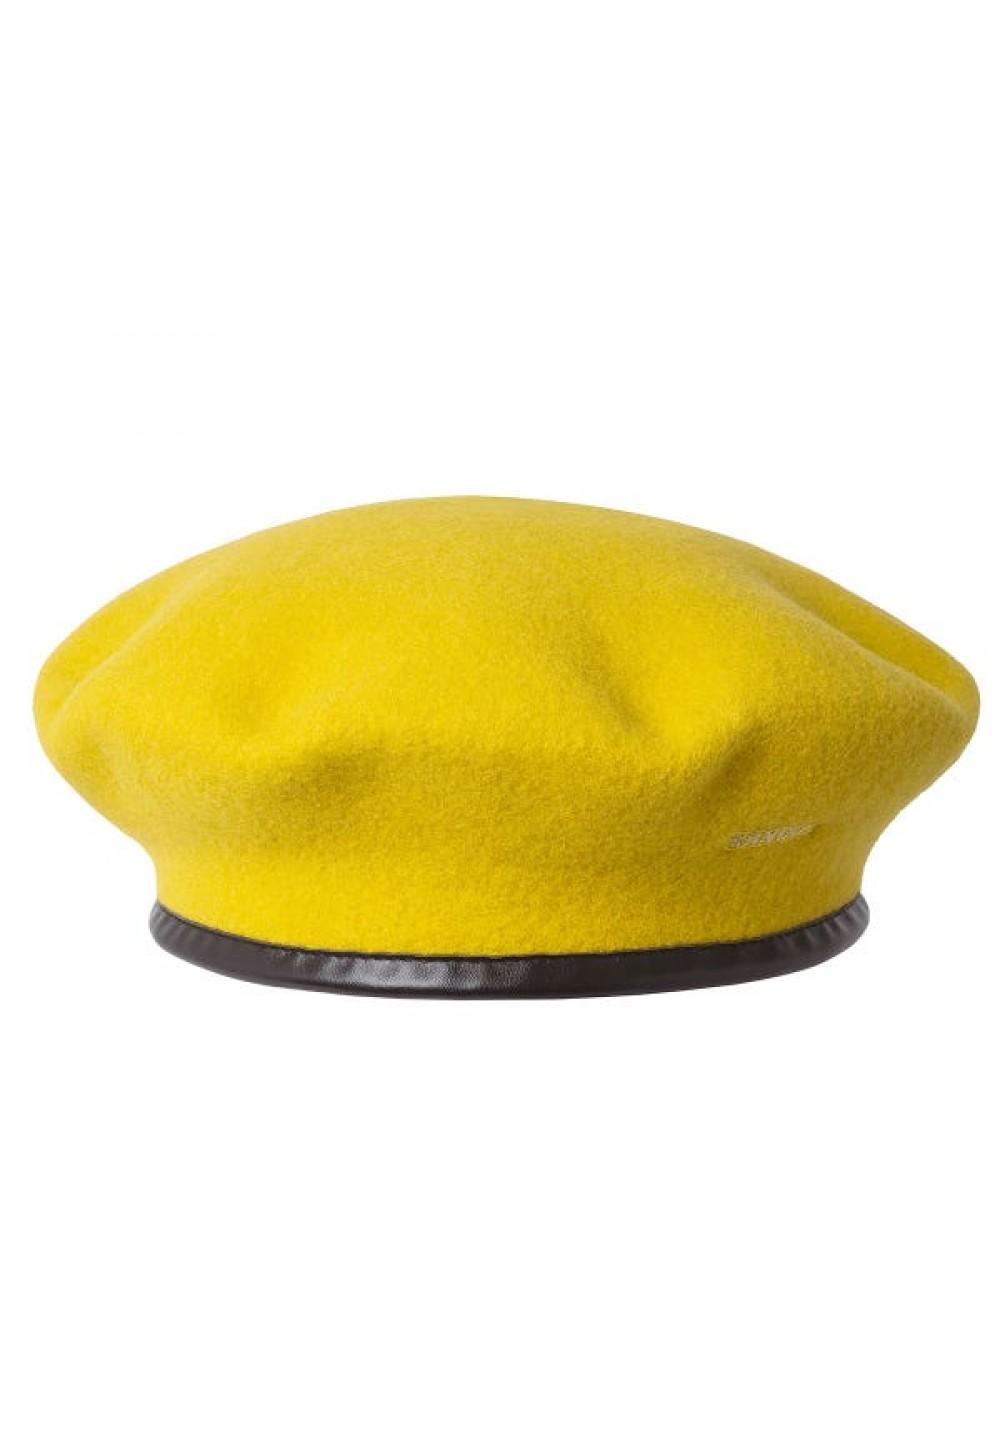 Стильный берет Kangol MONTY™ Wool Beret